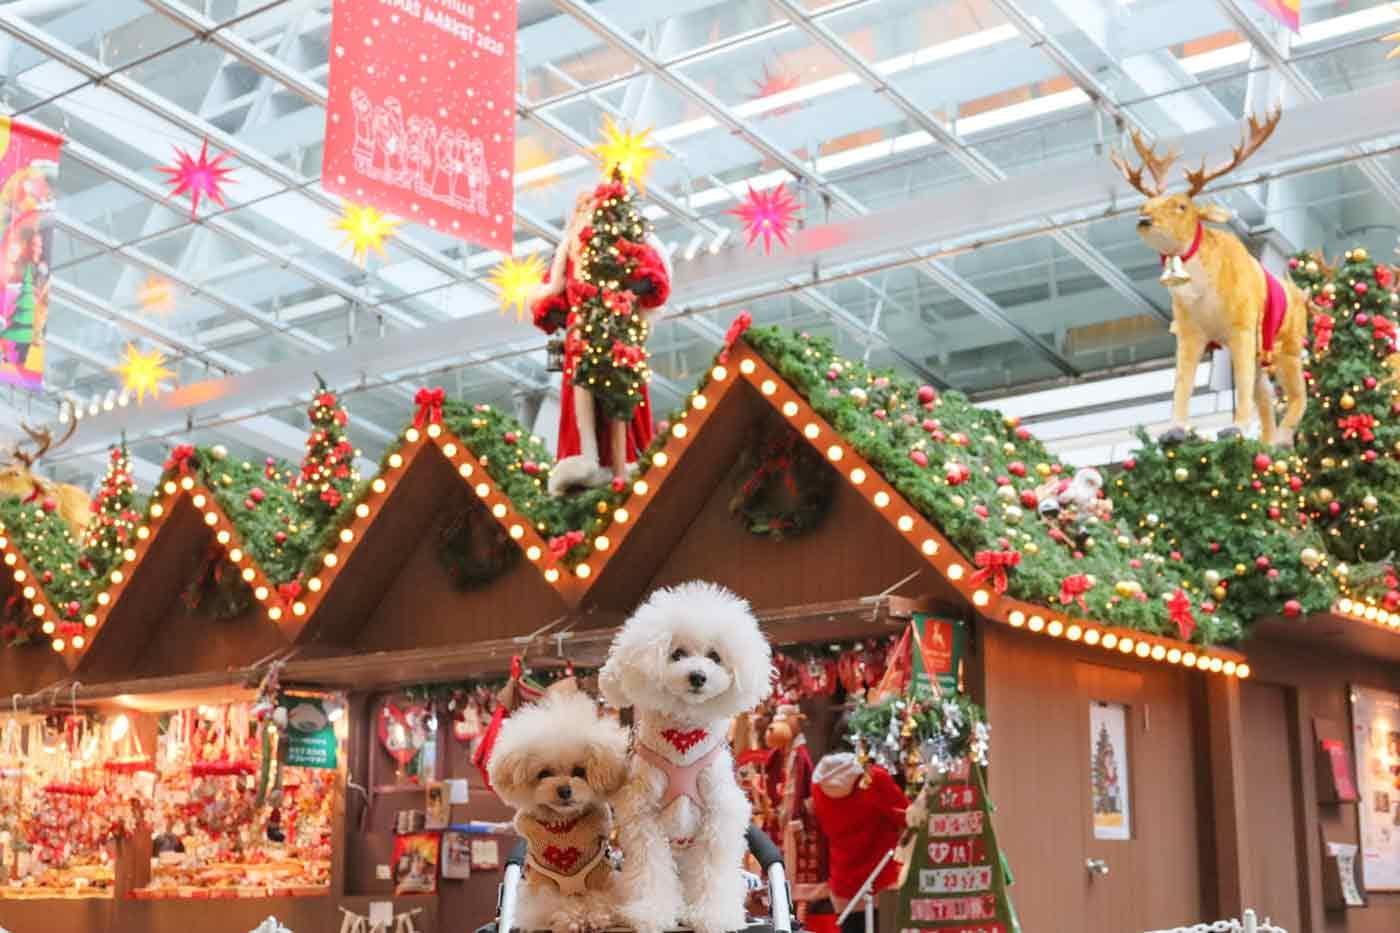 【六本木】愛犬と冬の六本木ヒルズをお散歩!イルミネーションとクリスマスマーケットを楽しもう!